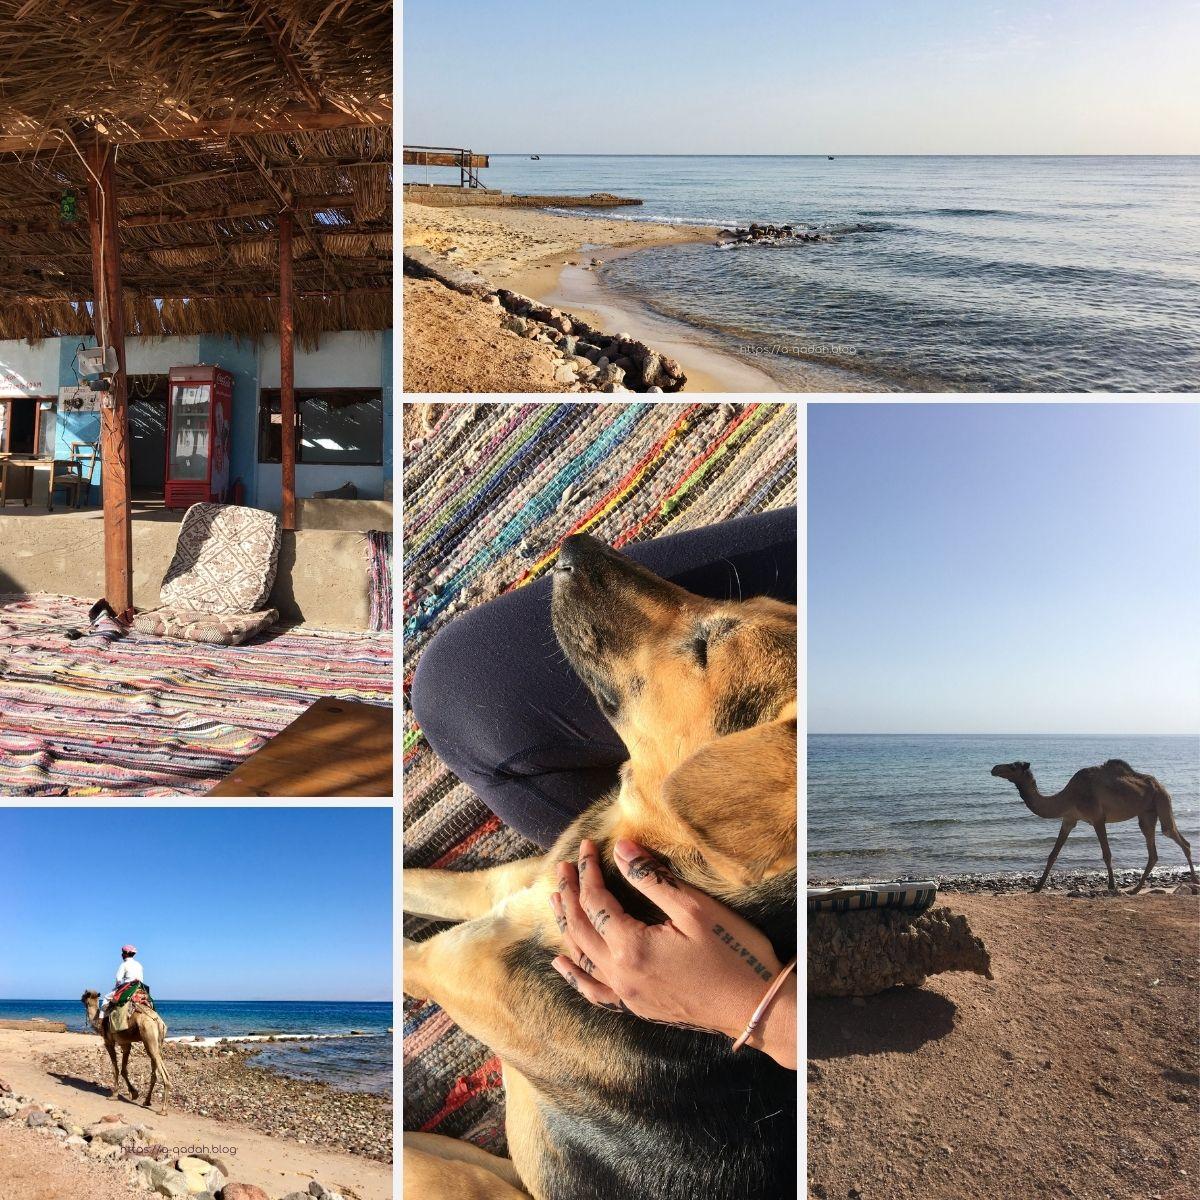 نويبع سيناء مصر سينا ستار كامب شاطئ نويبع البحر الأحمر